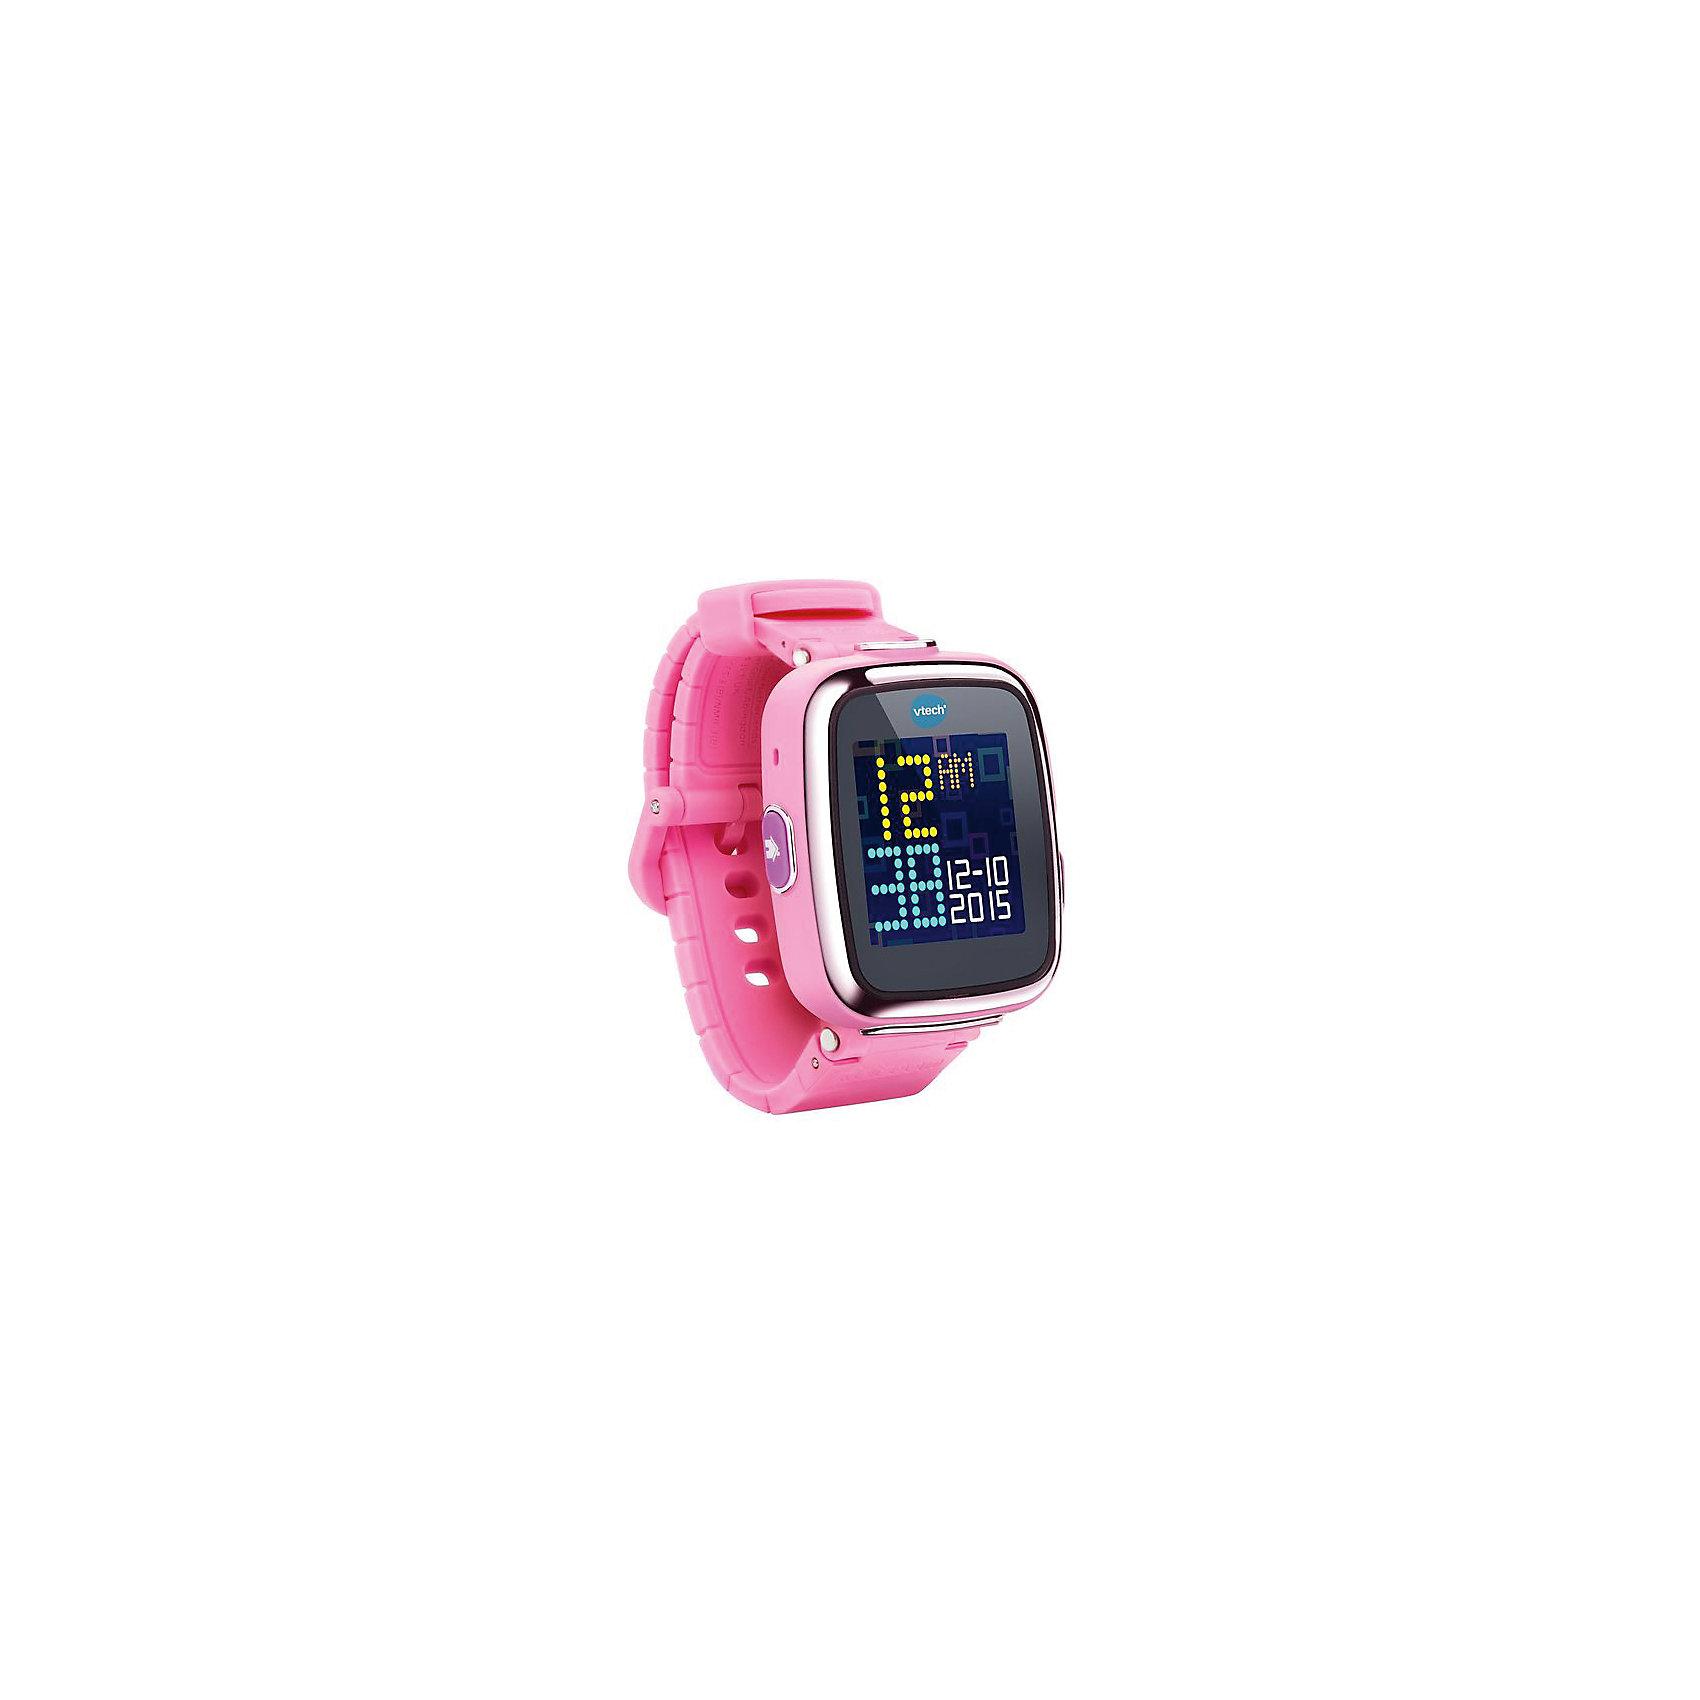 Цифровые часы для детей Kidizoom Smartwatch DX, розовые, Vtech<br><br>Ширина мм: 127<br>Глубина мм: 279<br>Высота мм: 87<br>Вес г: 576<br>Возраст от месяцев: 48<br>Возраст до месяцев: 108<br>Пол: Унисекс<br>Возраст: Детский<br>SKU: 5471075